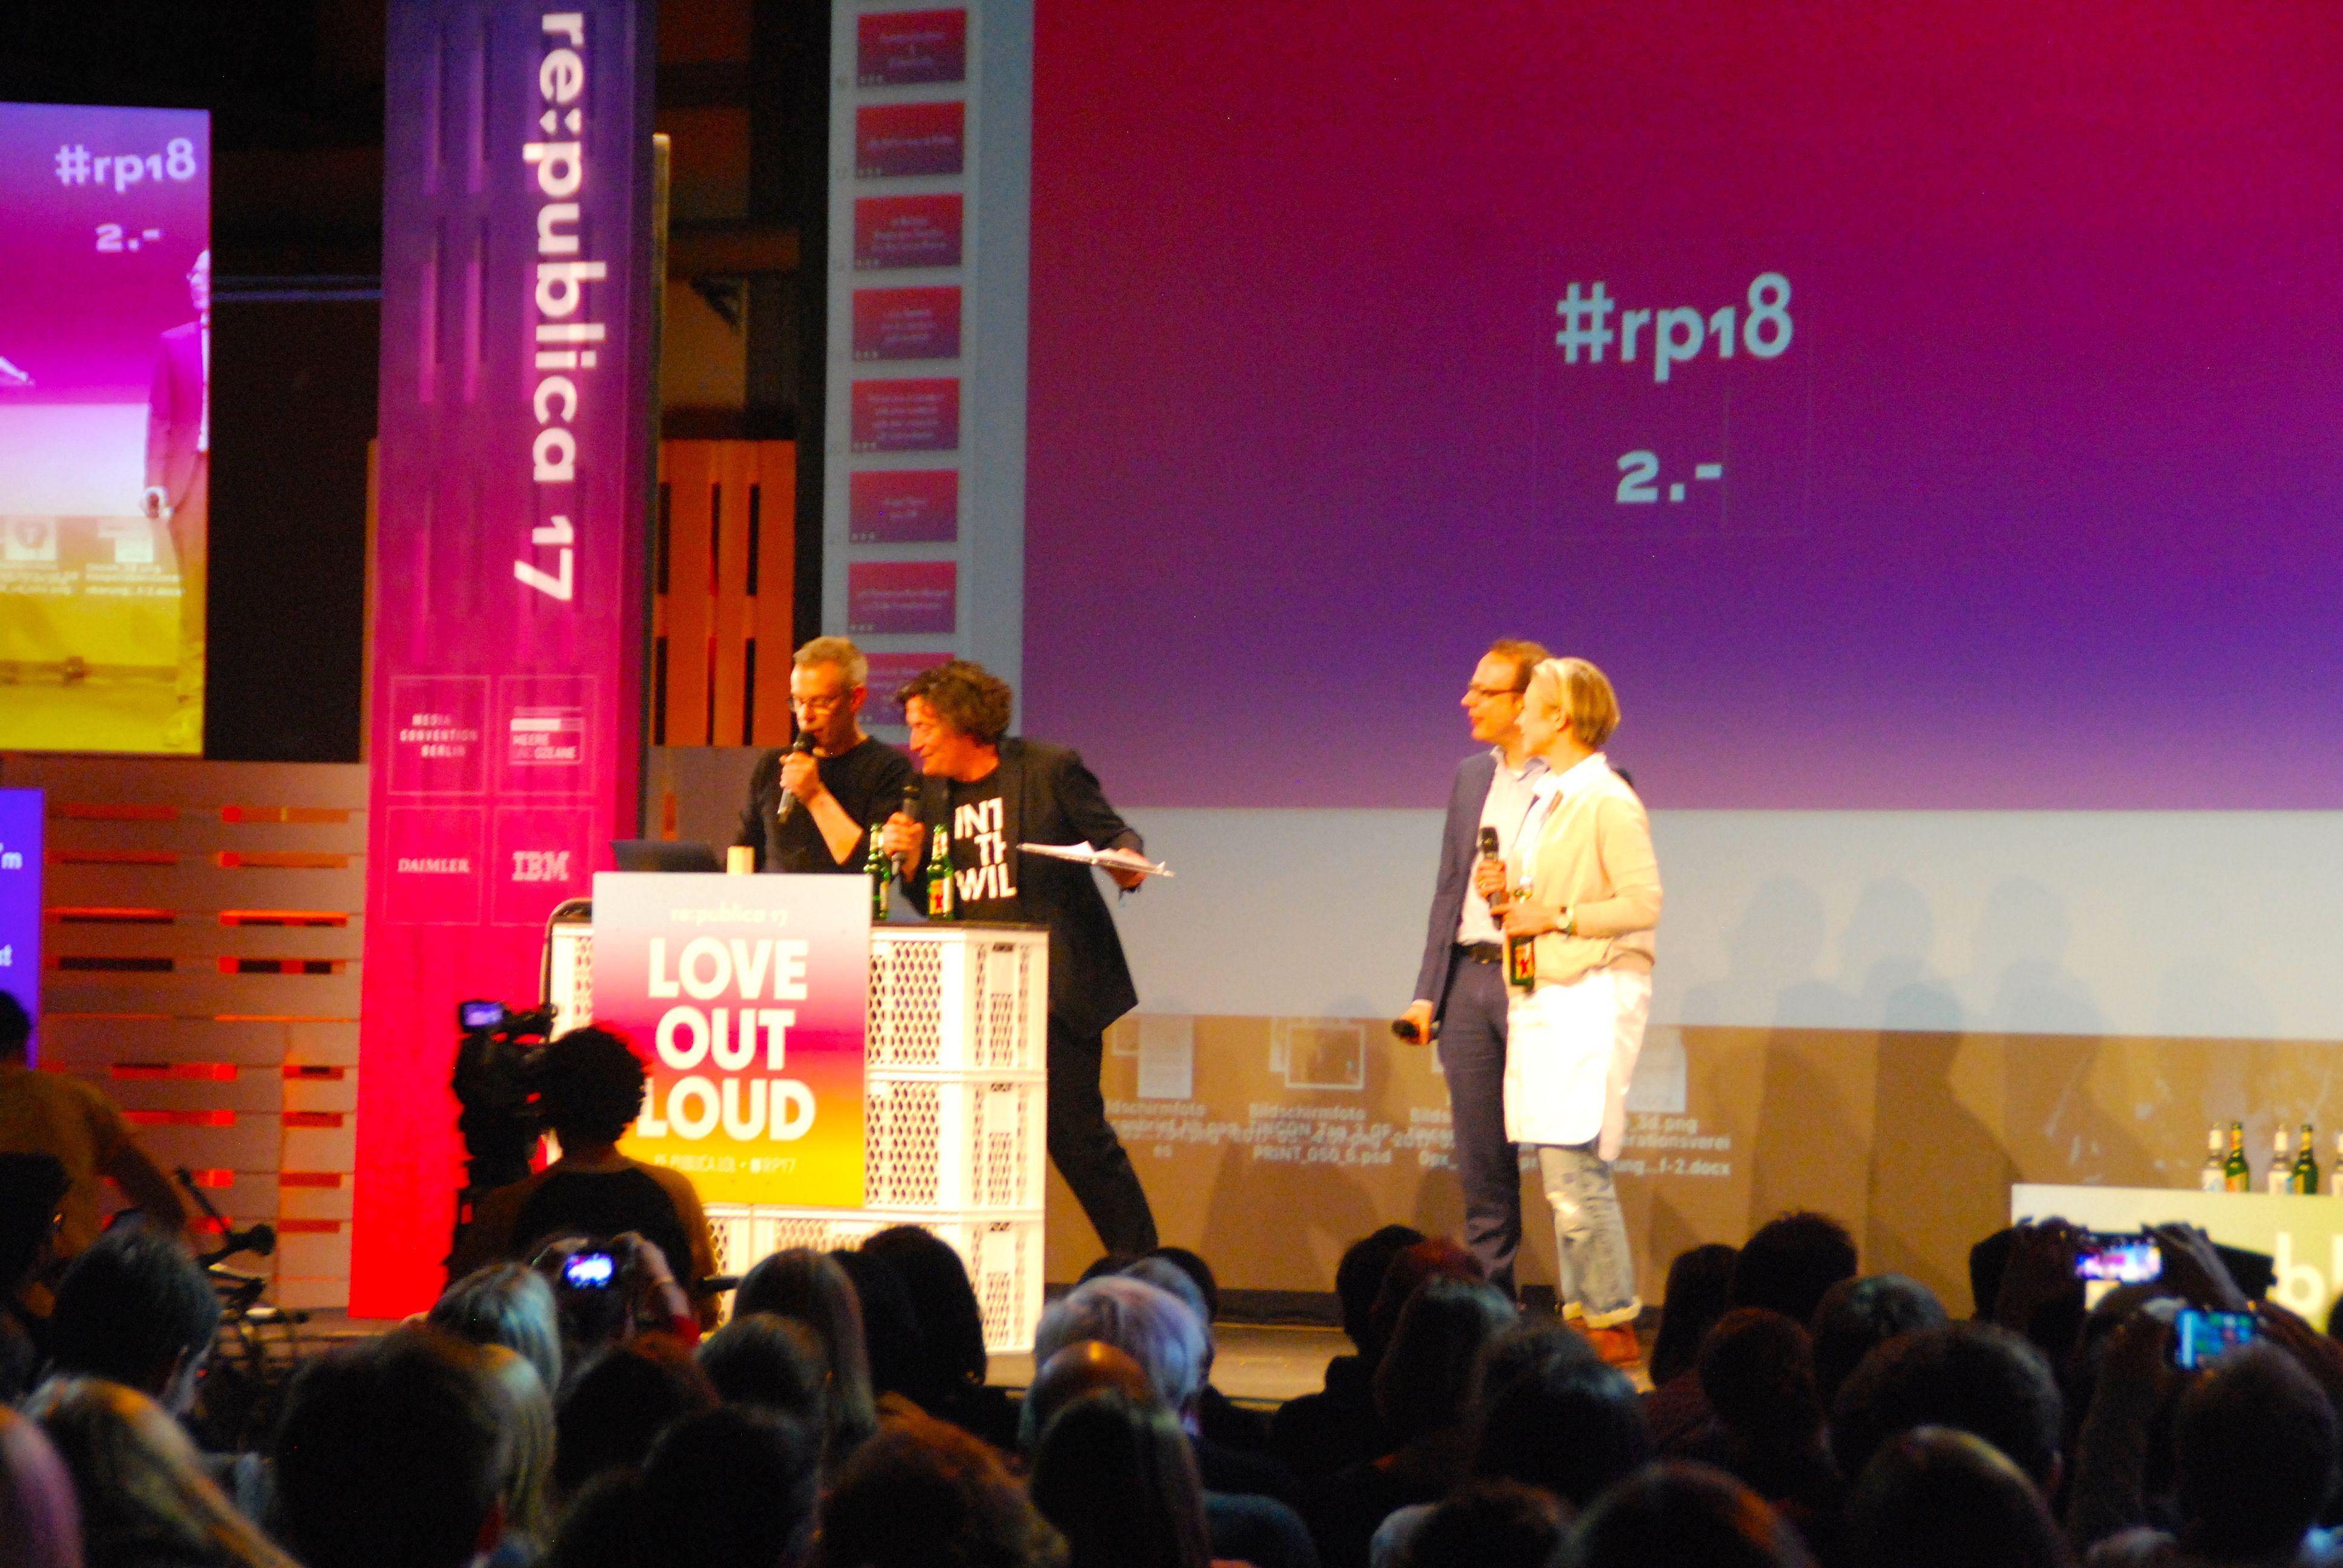 Lob geht runter wie Öl :-) #rp17 #hrfestival #rp18